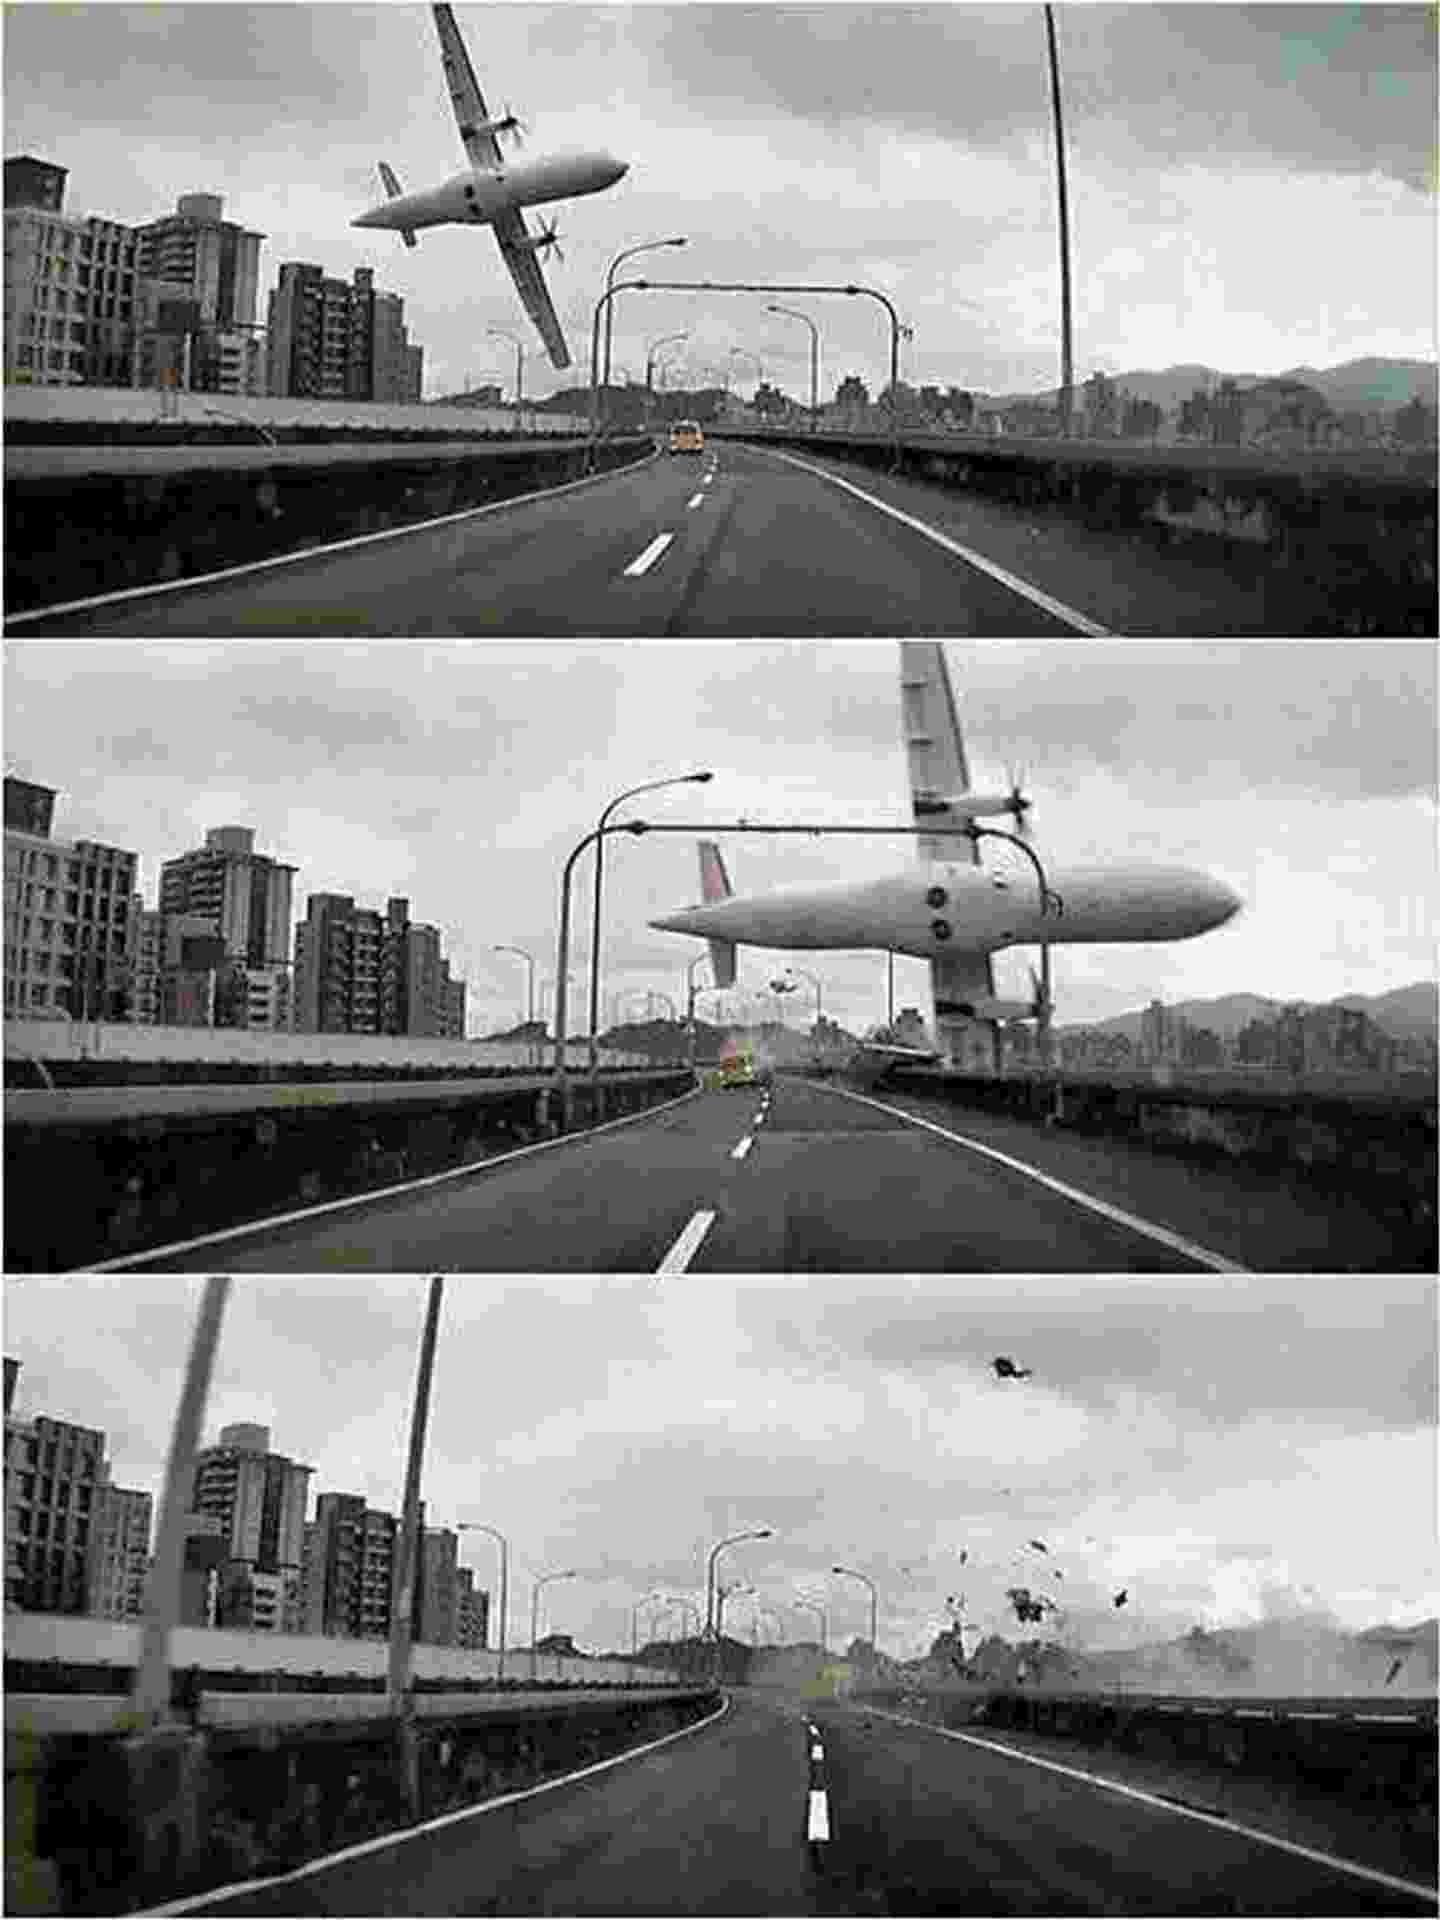 4.fev.2015 - Queda de avião em Taiwan - sequência 2 - Xinhua